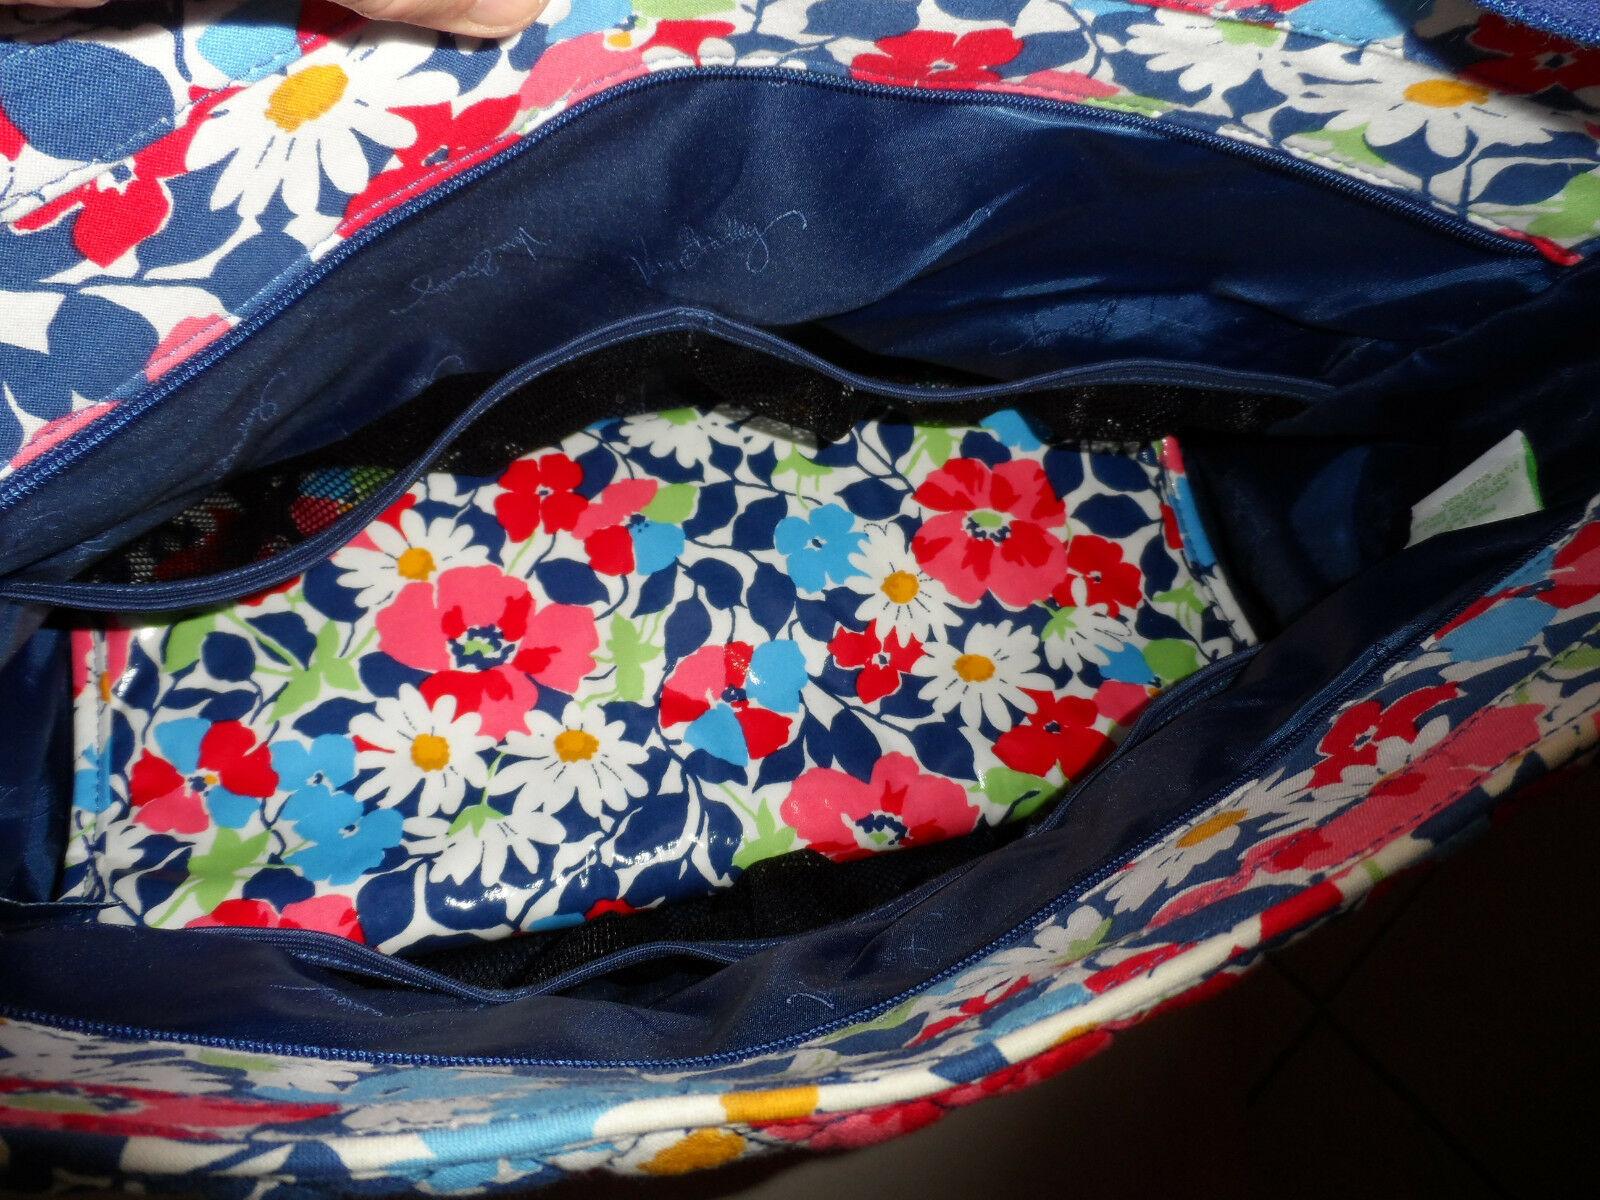 Vera Bradley Summer Cottage patchwork Medley baby tote bag image 5